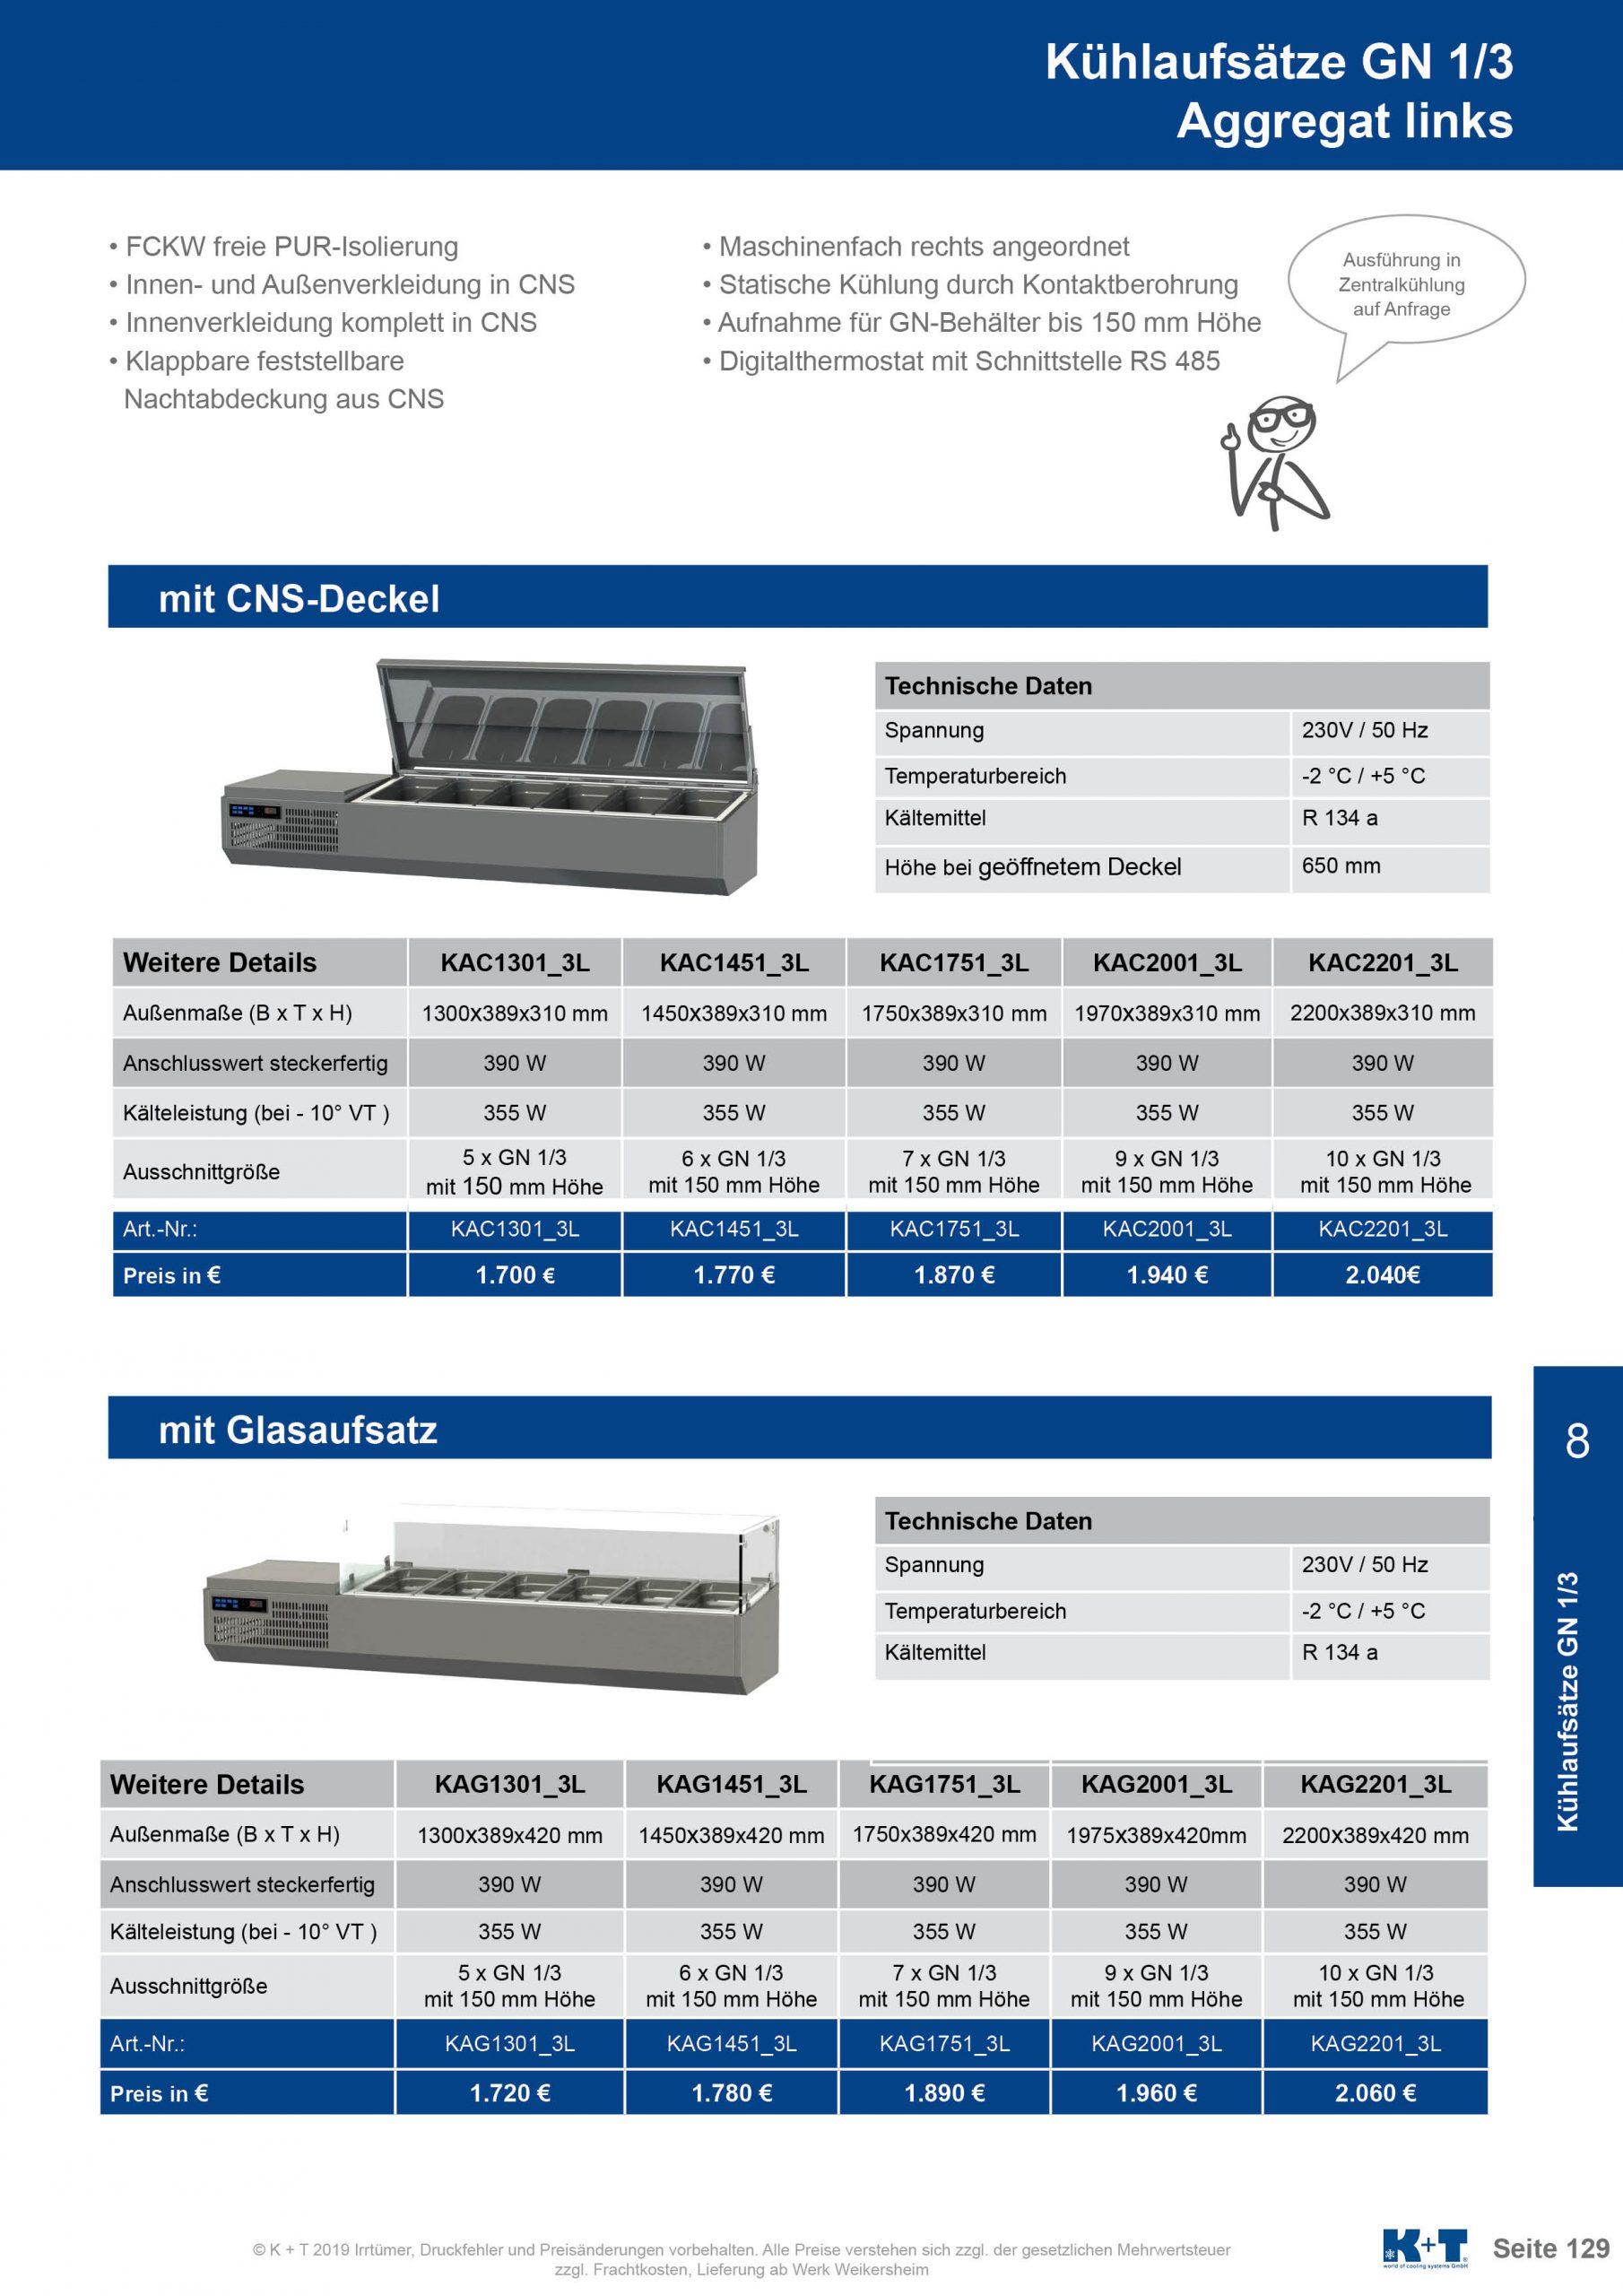 Kühlaufsätze GN 1_3 Aggregat links